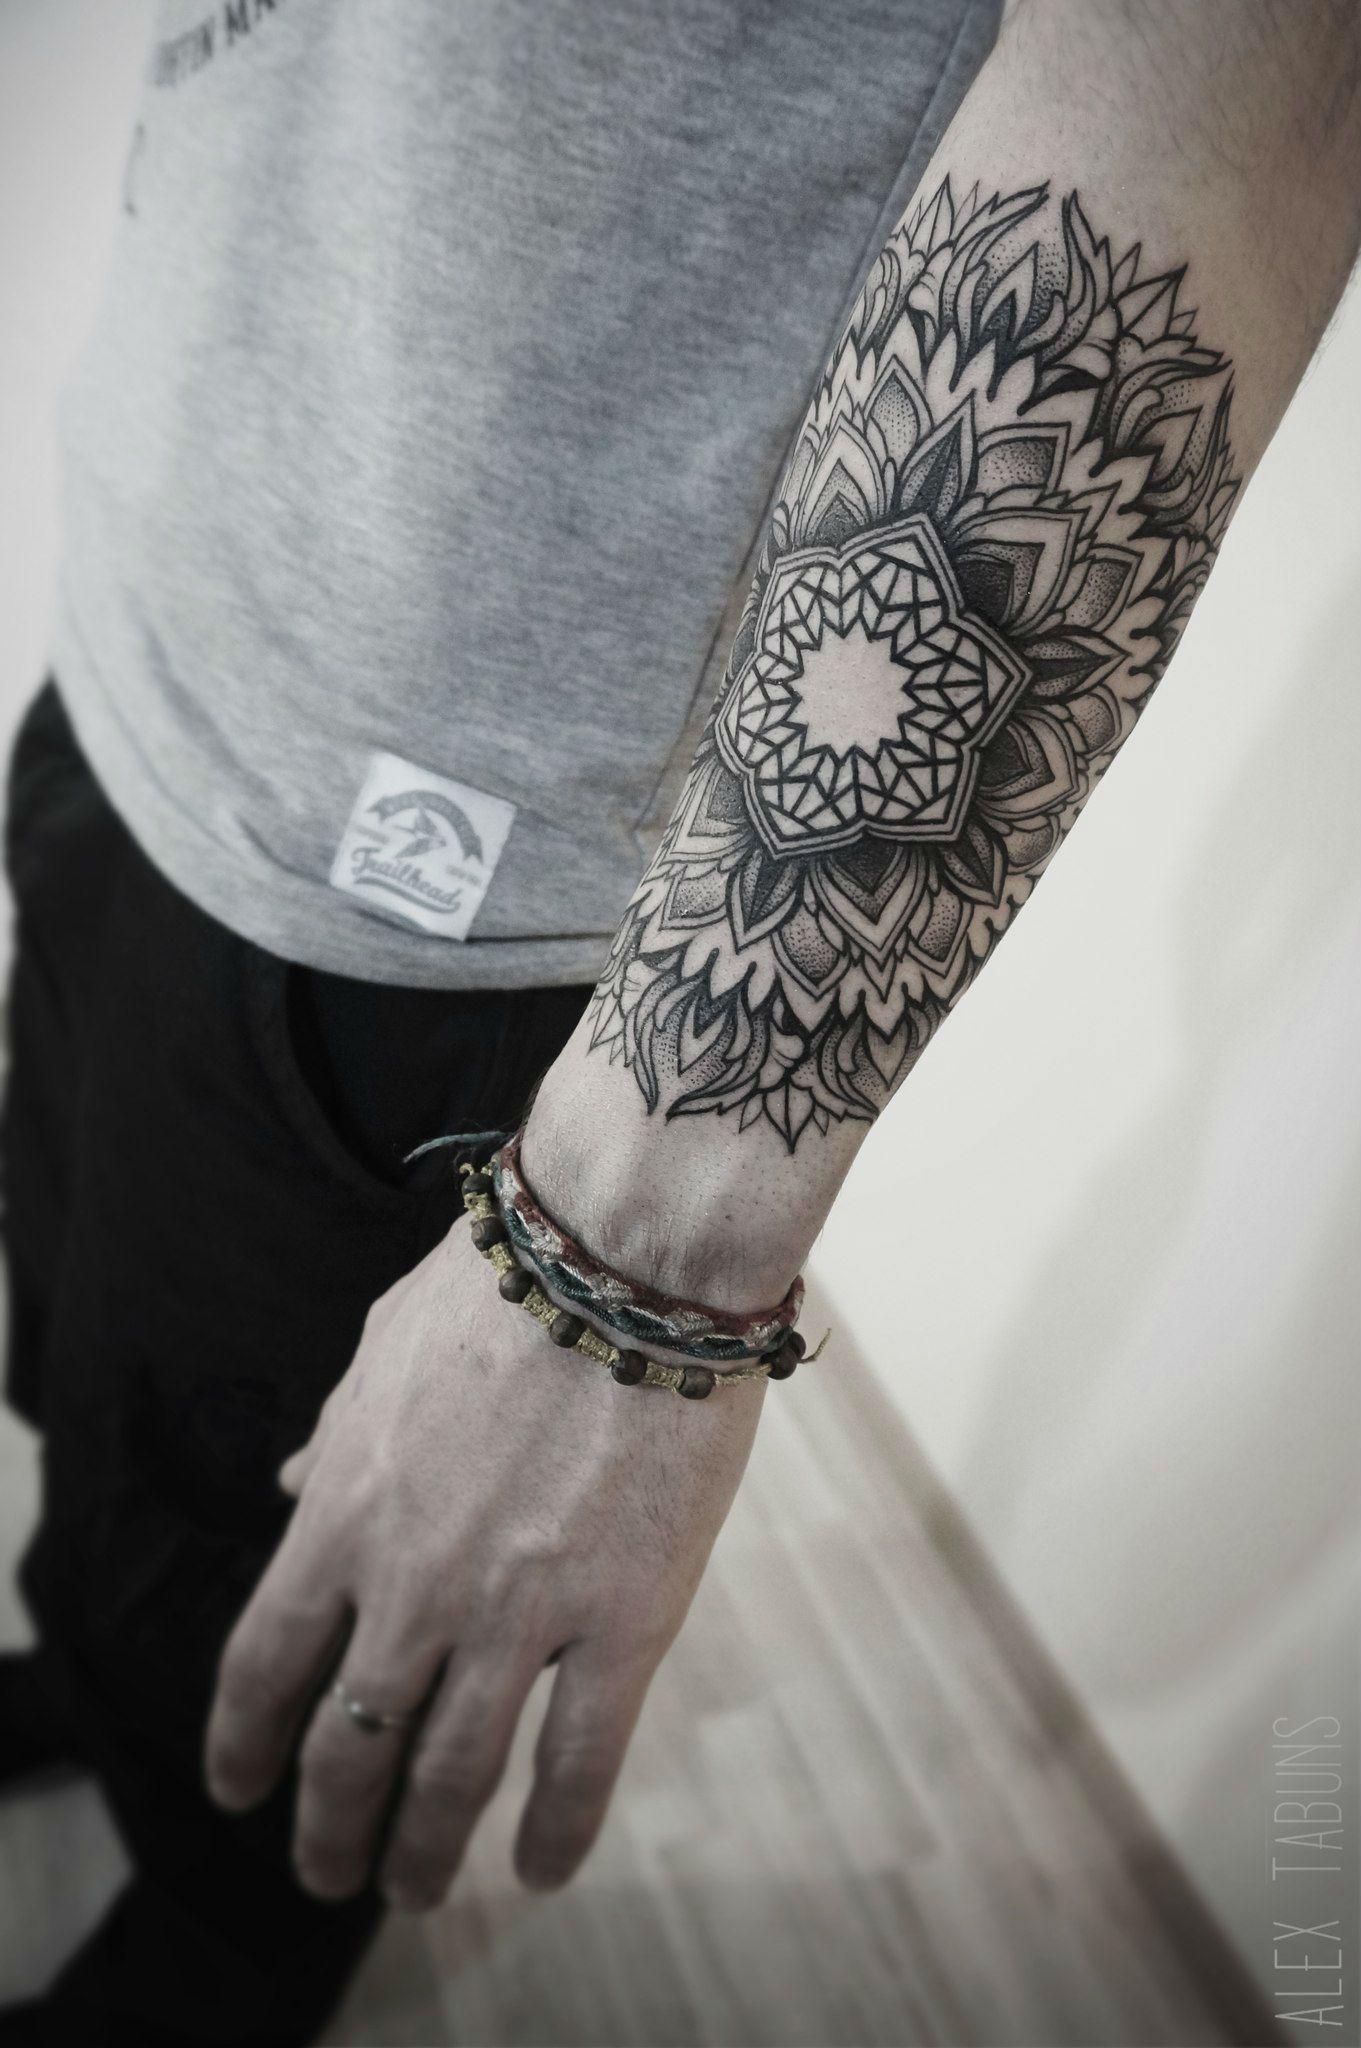 Cool Mandala Tattoo Mandala Arm Tattoos Mandala Tattoo Design Tattoos